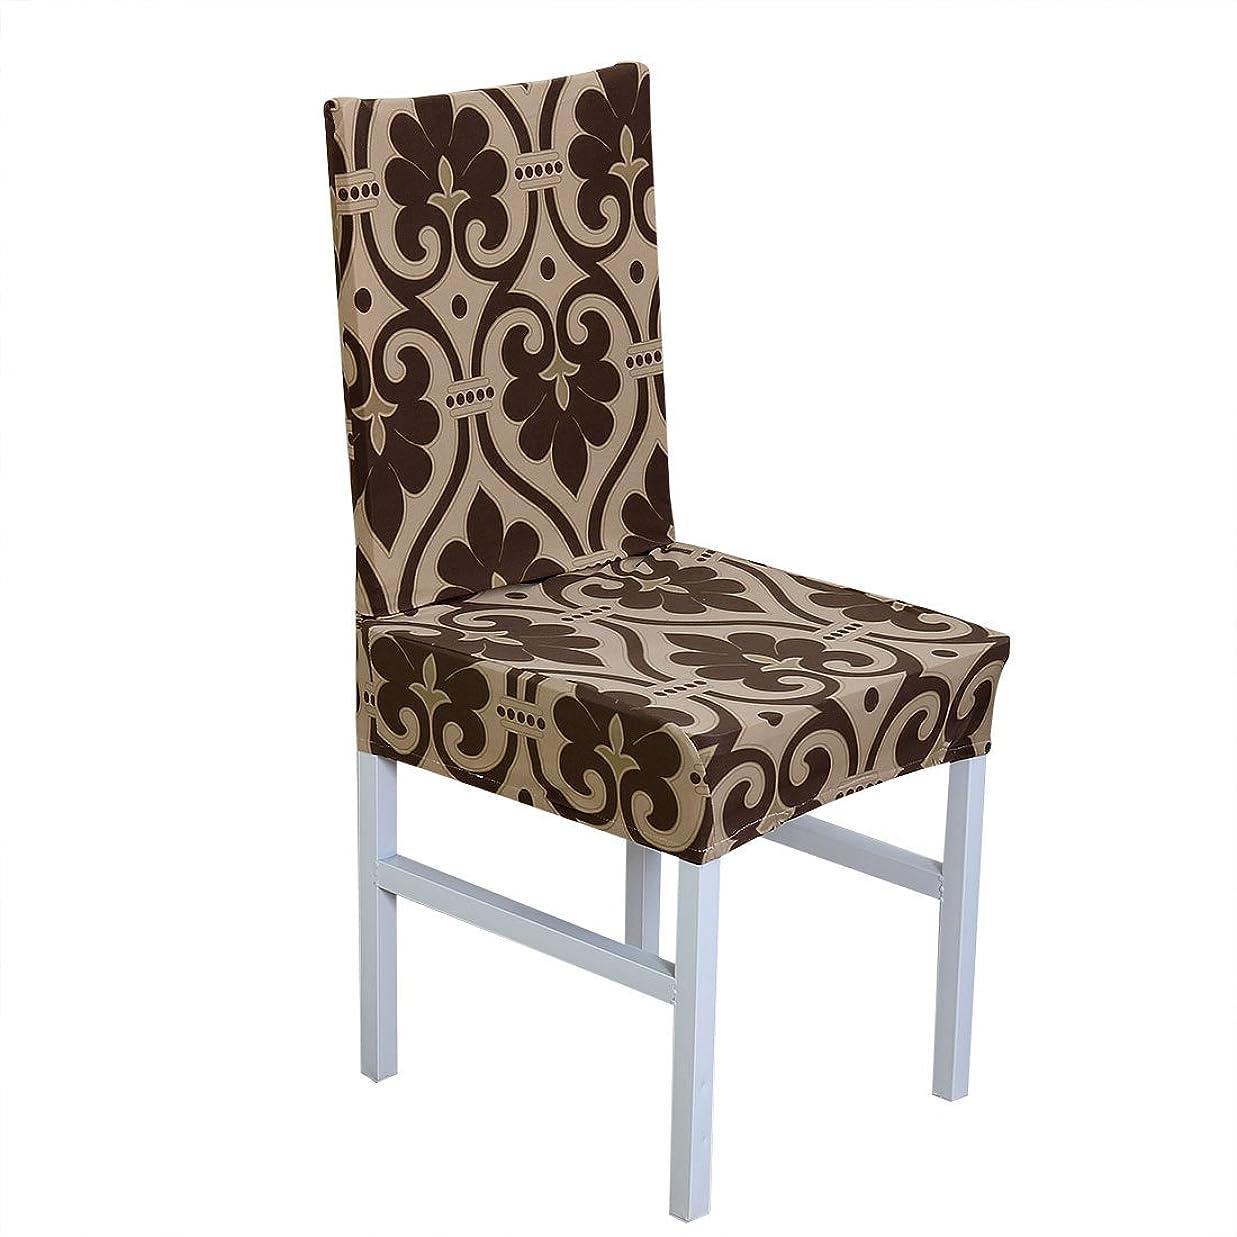 不愉快にちなみに鑑定uxcell 椅子カバー チェアカバー スリップカバー 家具カバー プロテクター ストレッチ ユニバーサル 取り外し可能 ホテル ウェディング パーティー 宴会装飾 タイプ25